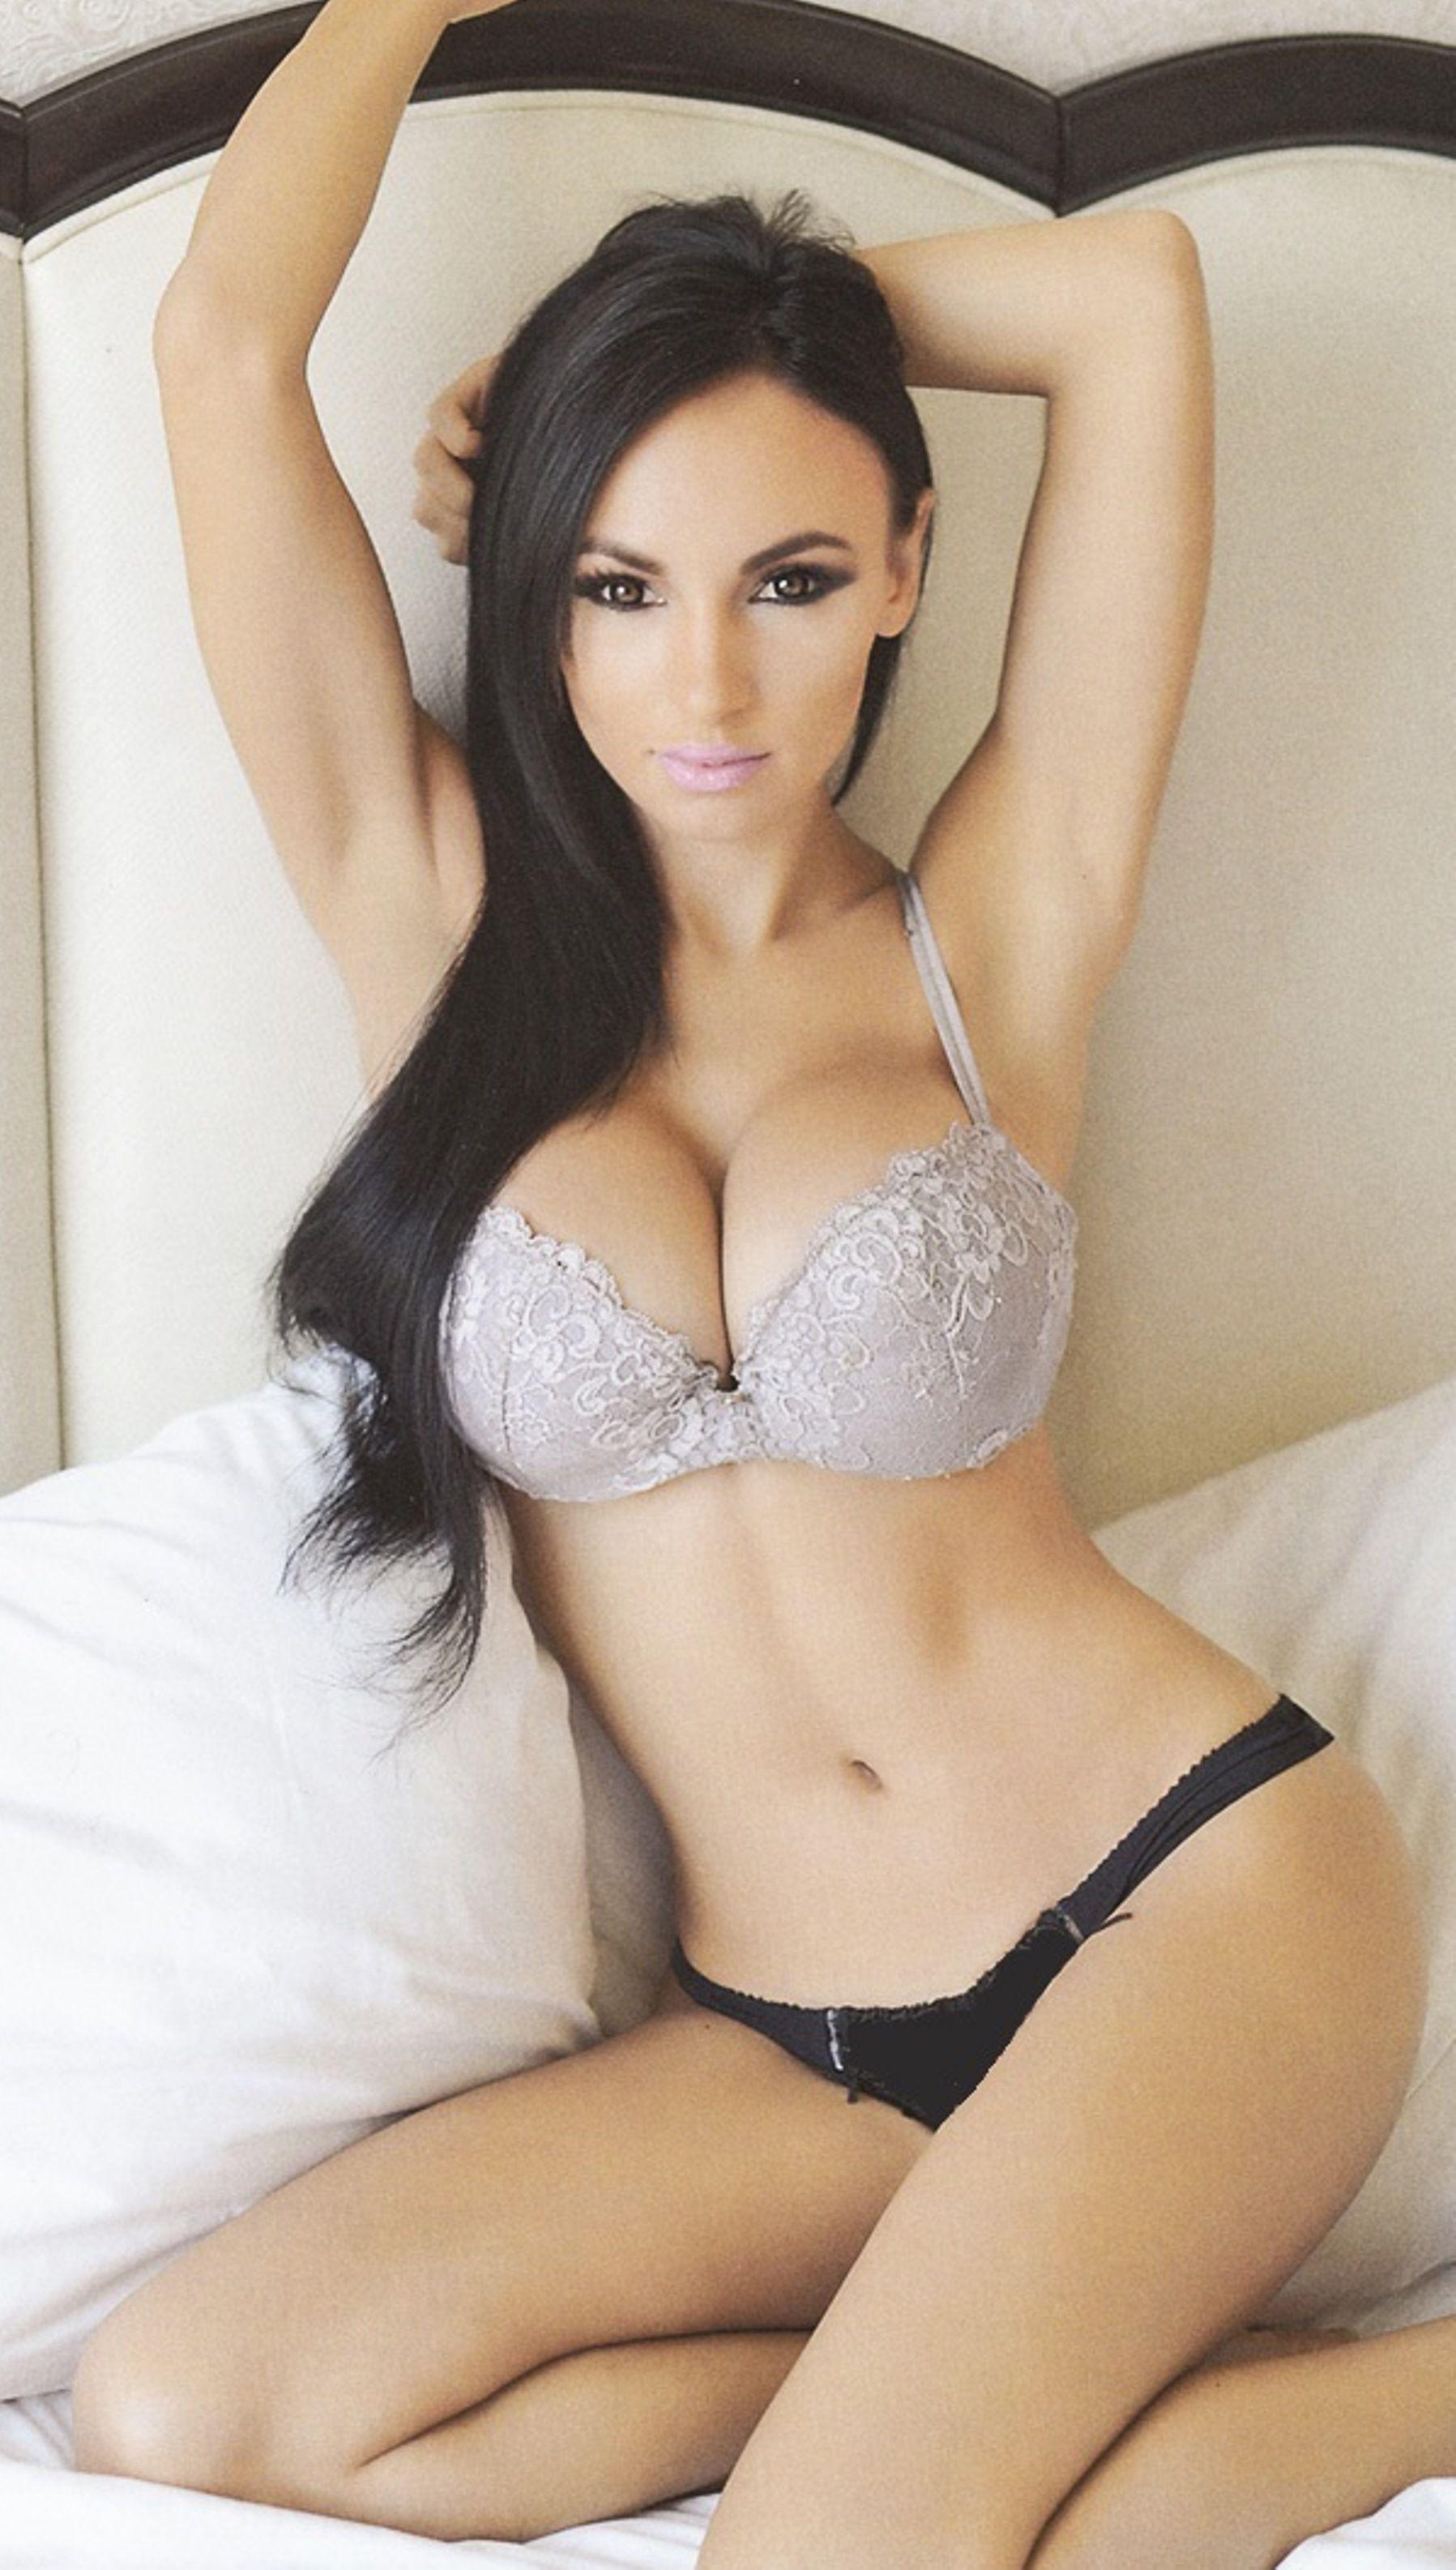 http://sweatmoonlace.blogspot/ #sml #sfw #women #girls #boobs